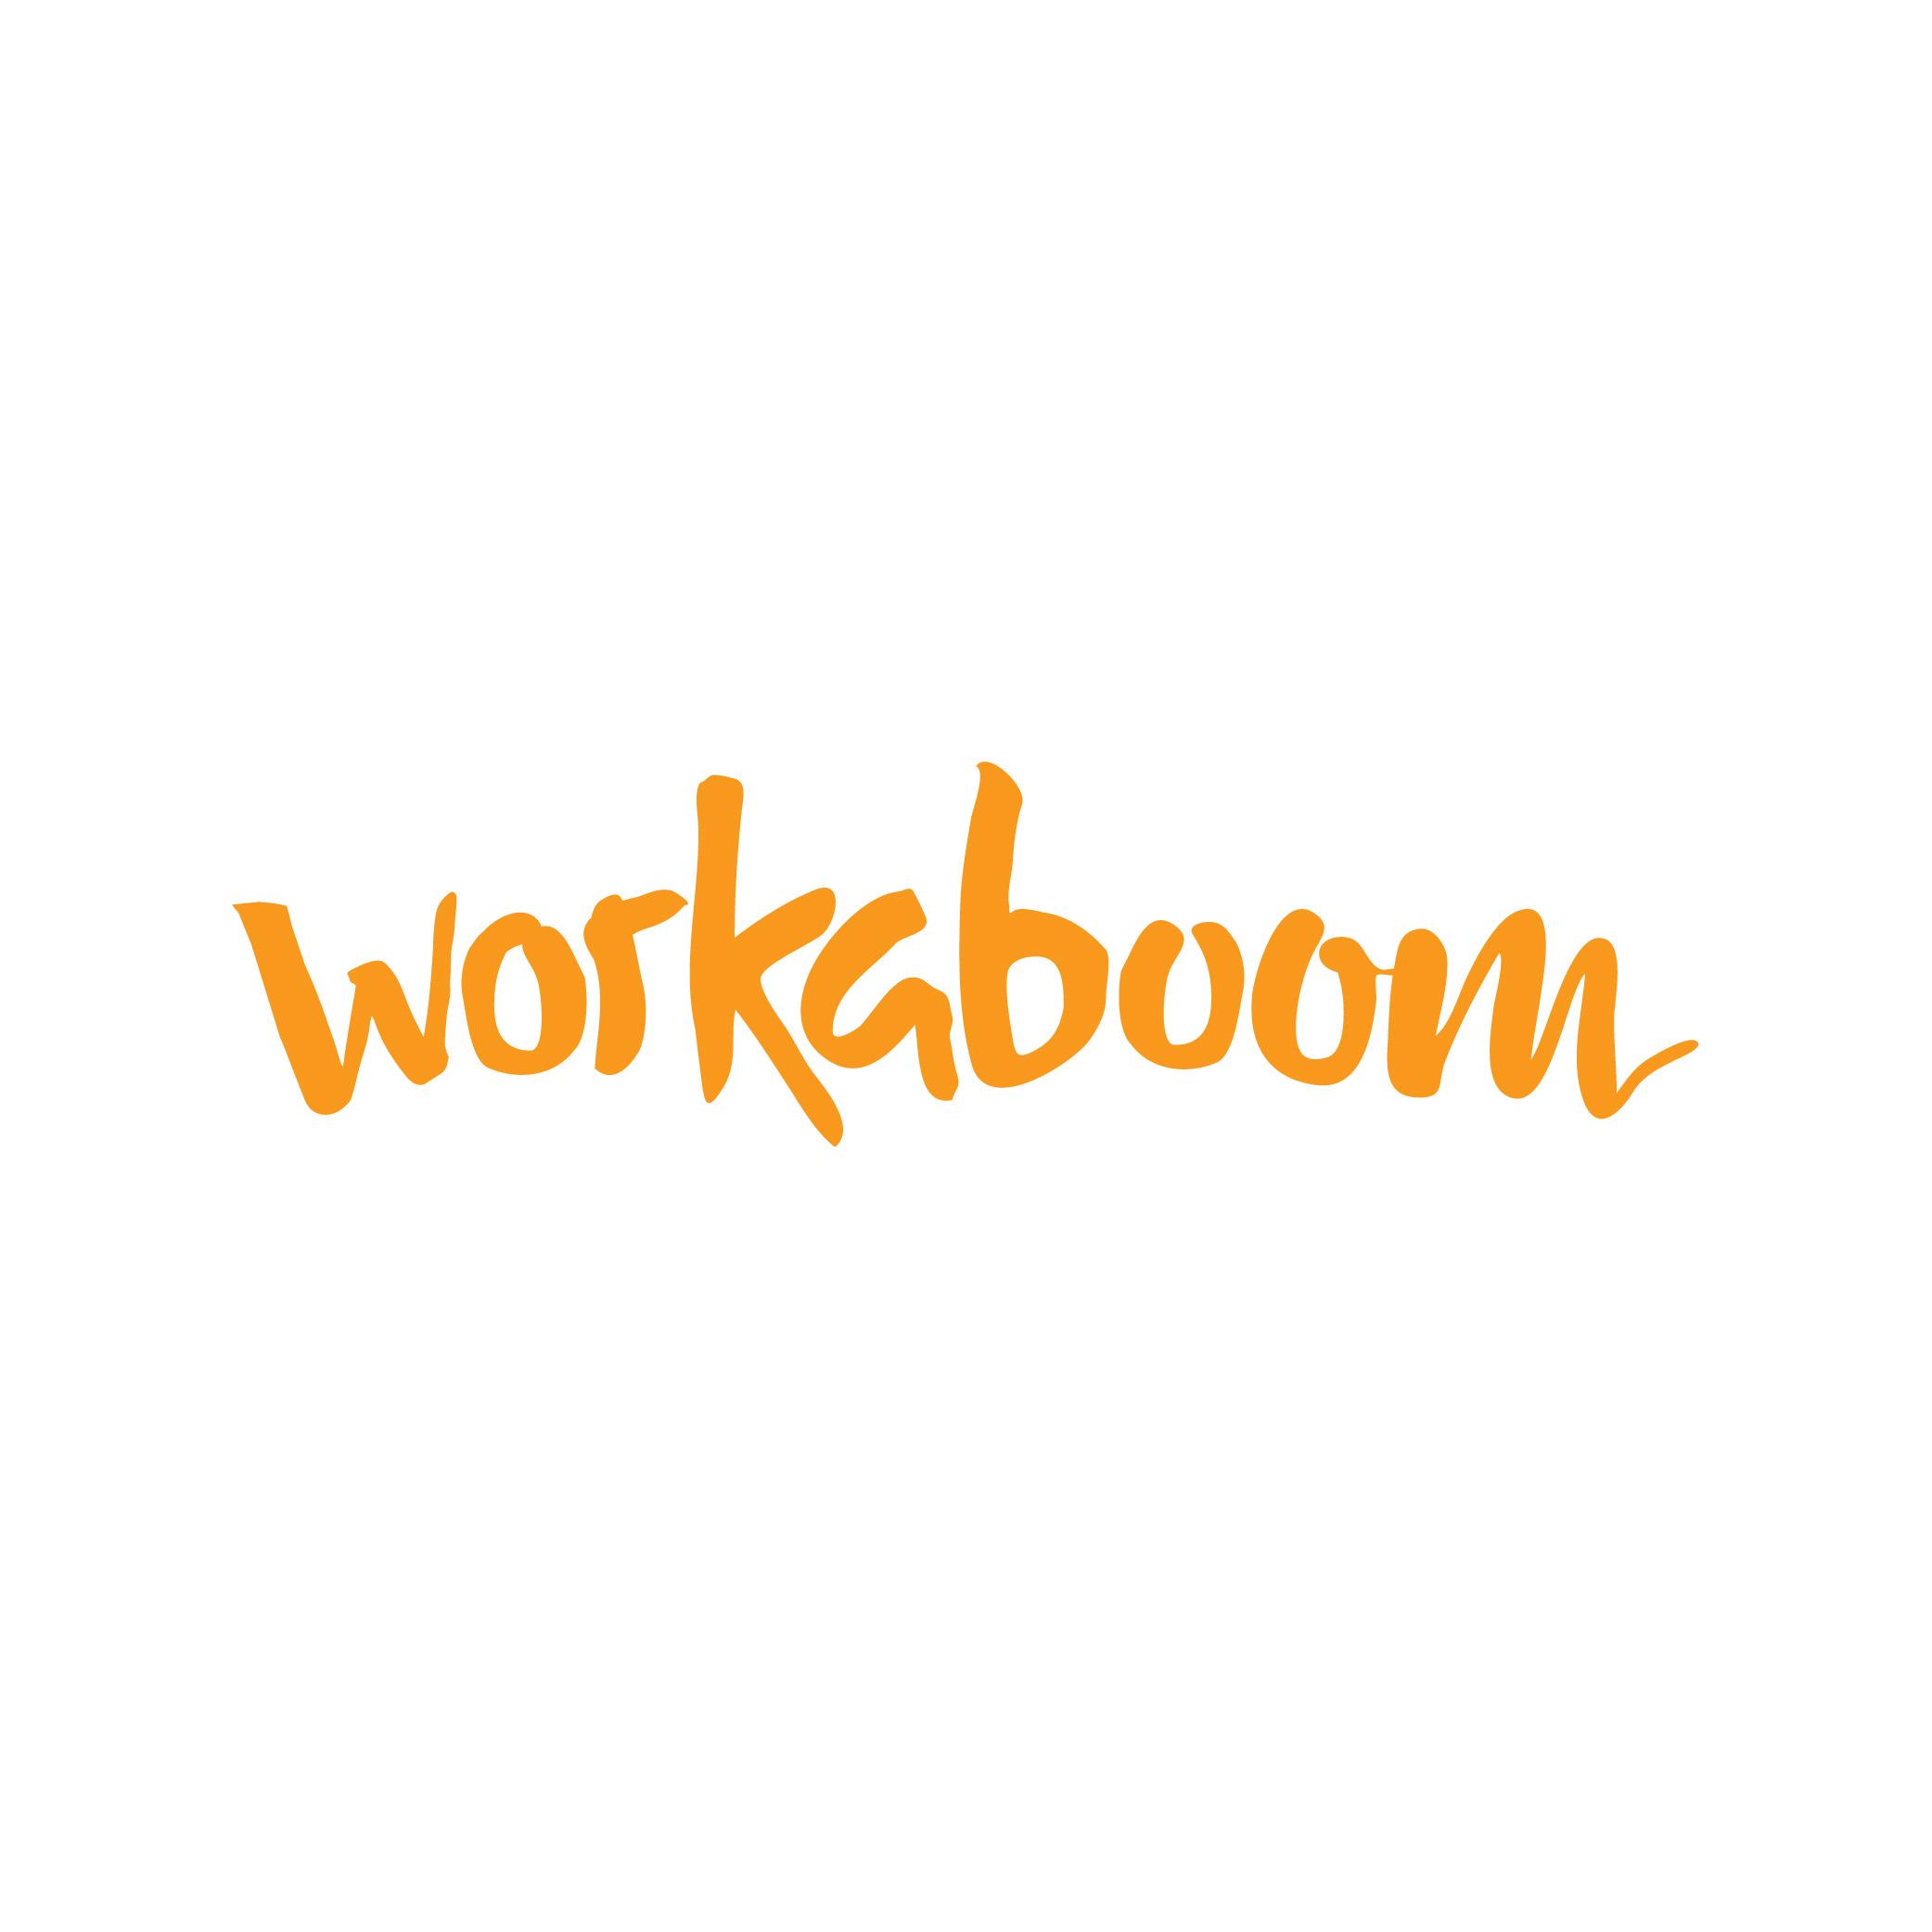 workaboom.jpg